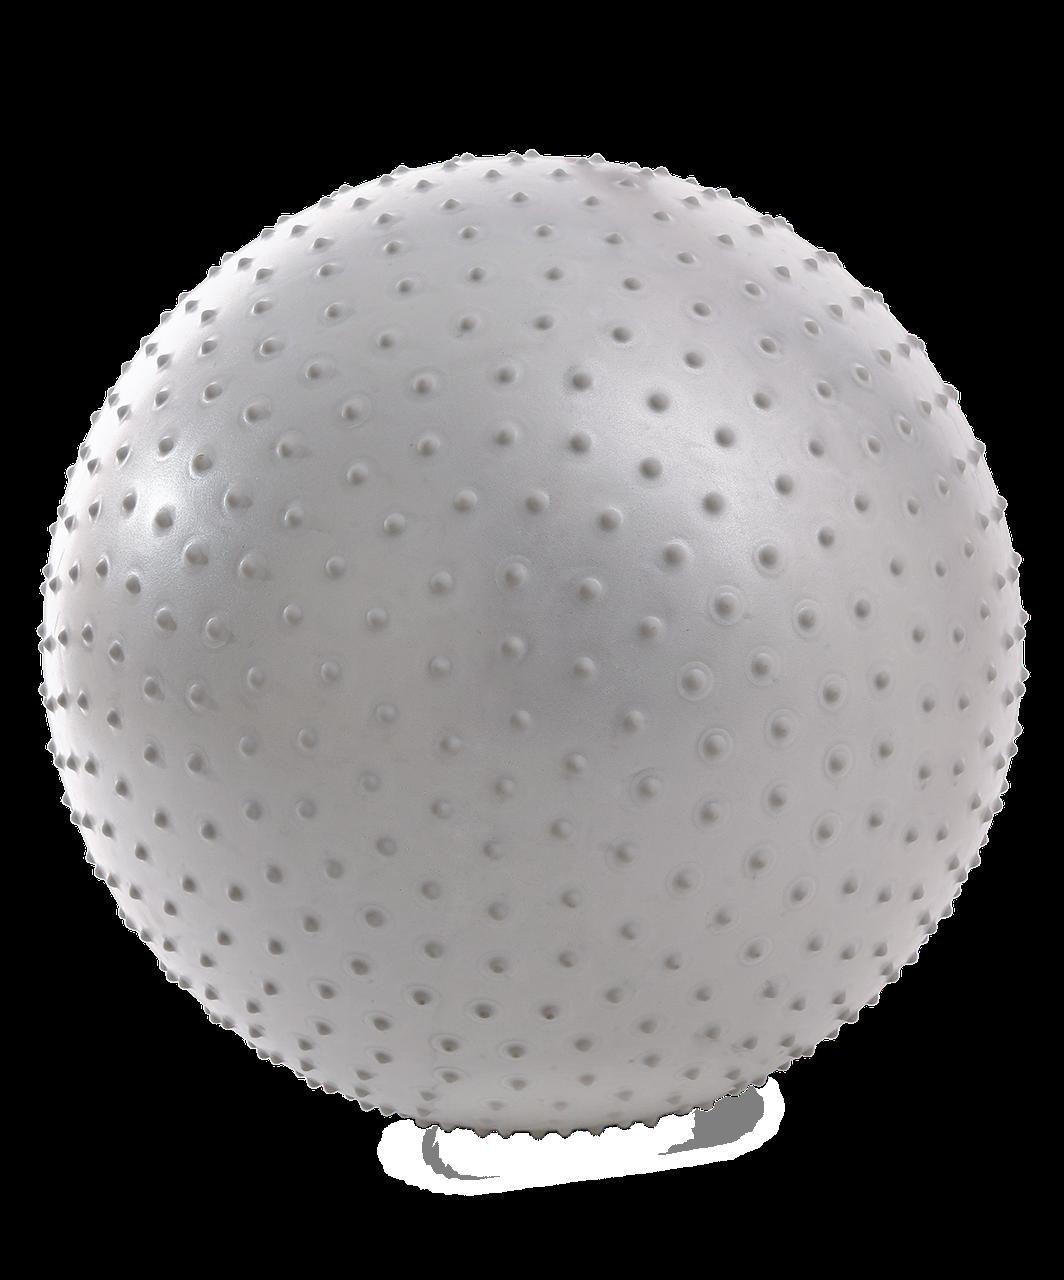 Фитбол массажный Core GB-301 антивзрыв, тепло-серый пастельный, 75 см Starfit